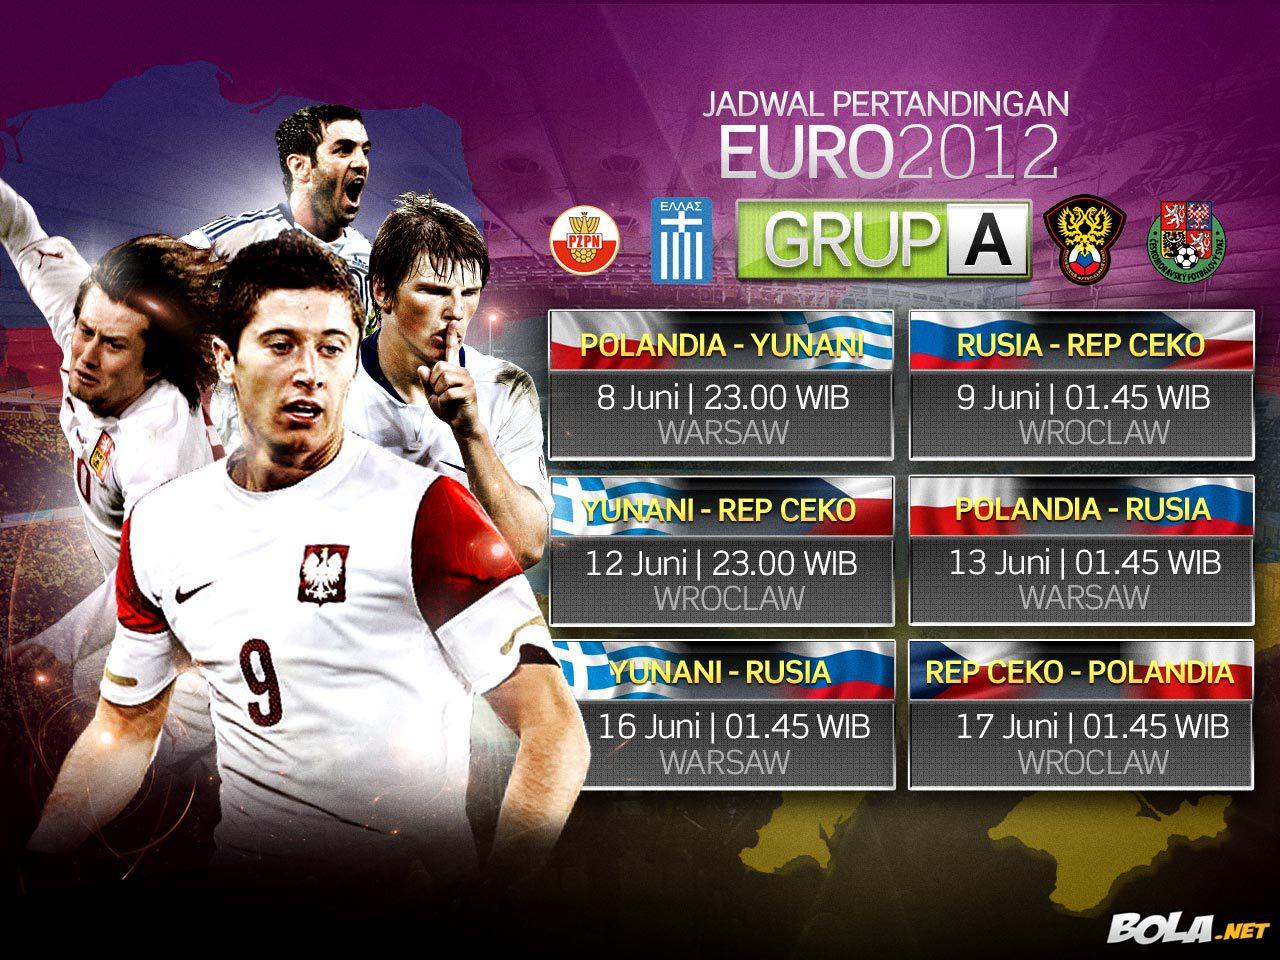 Jadwal Euro 2012 Grup A